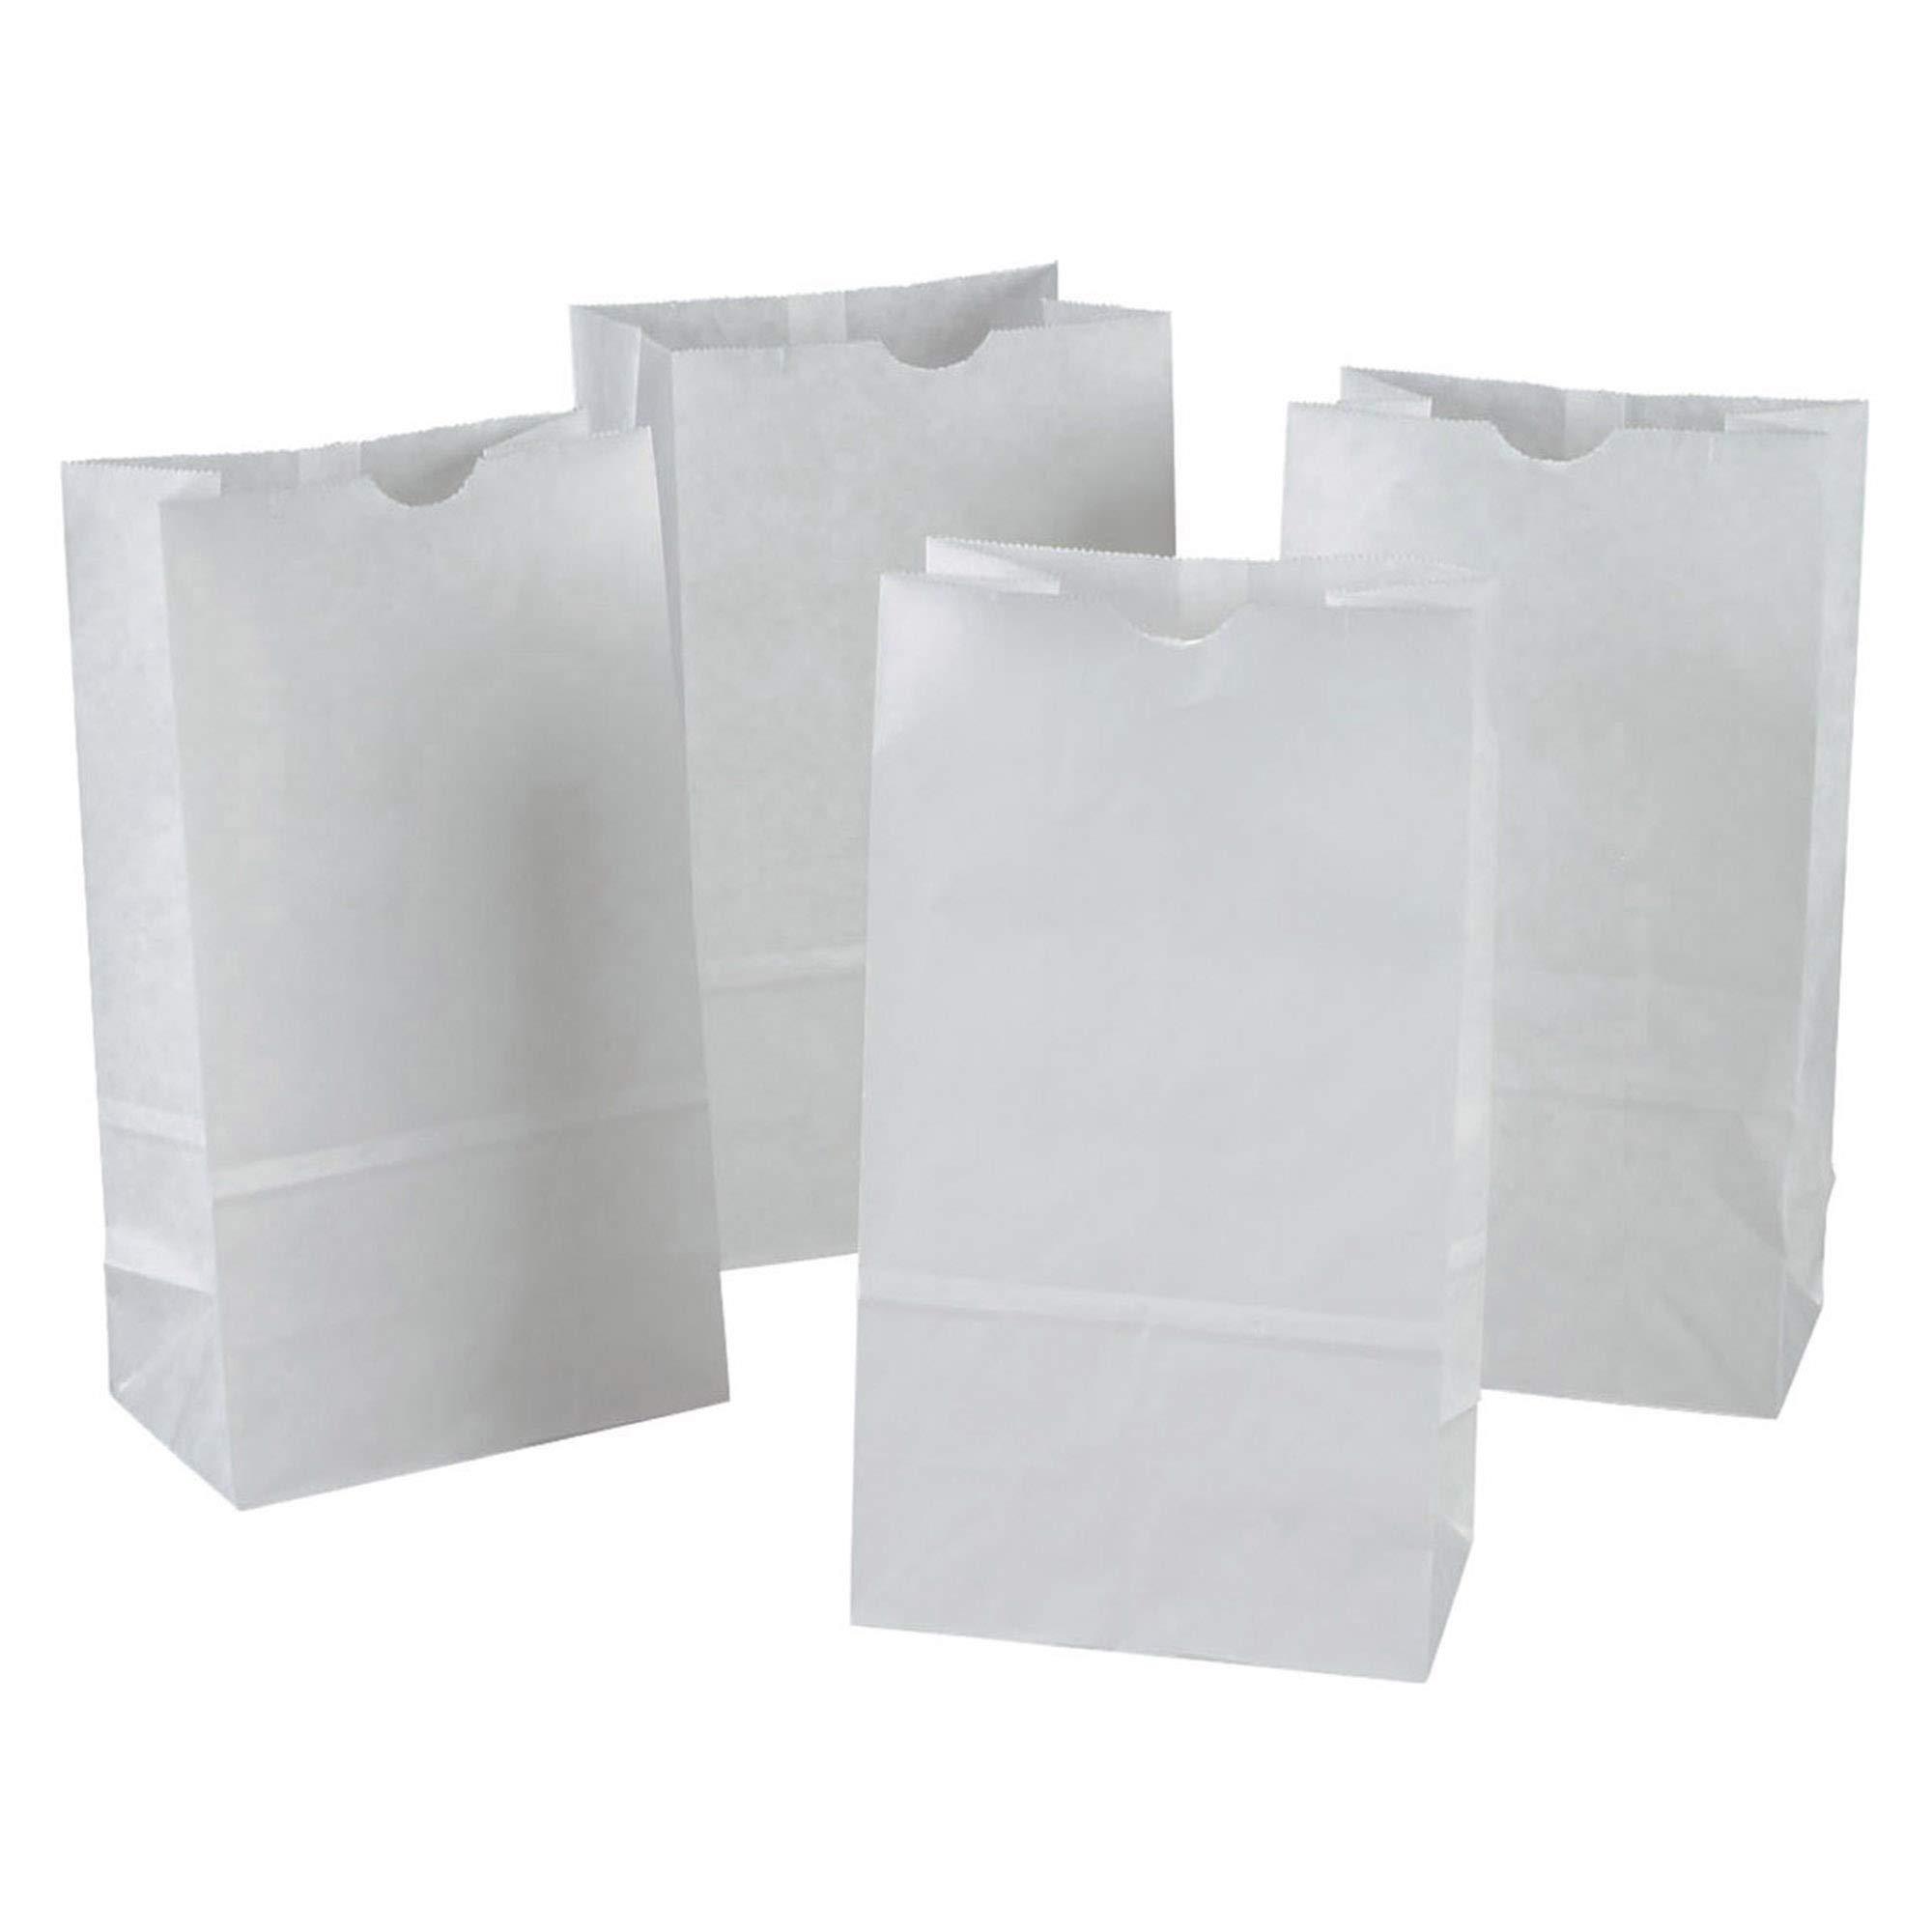 Rainbow PAC72020 Kraft Bag, White, 6'' x 3-5/8'' x 11'', 100 Bags